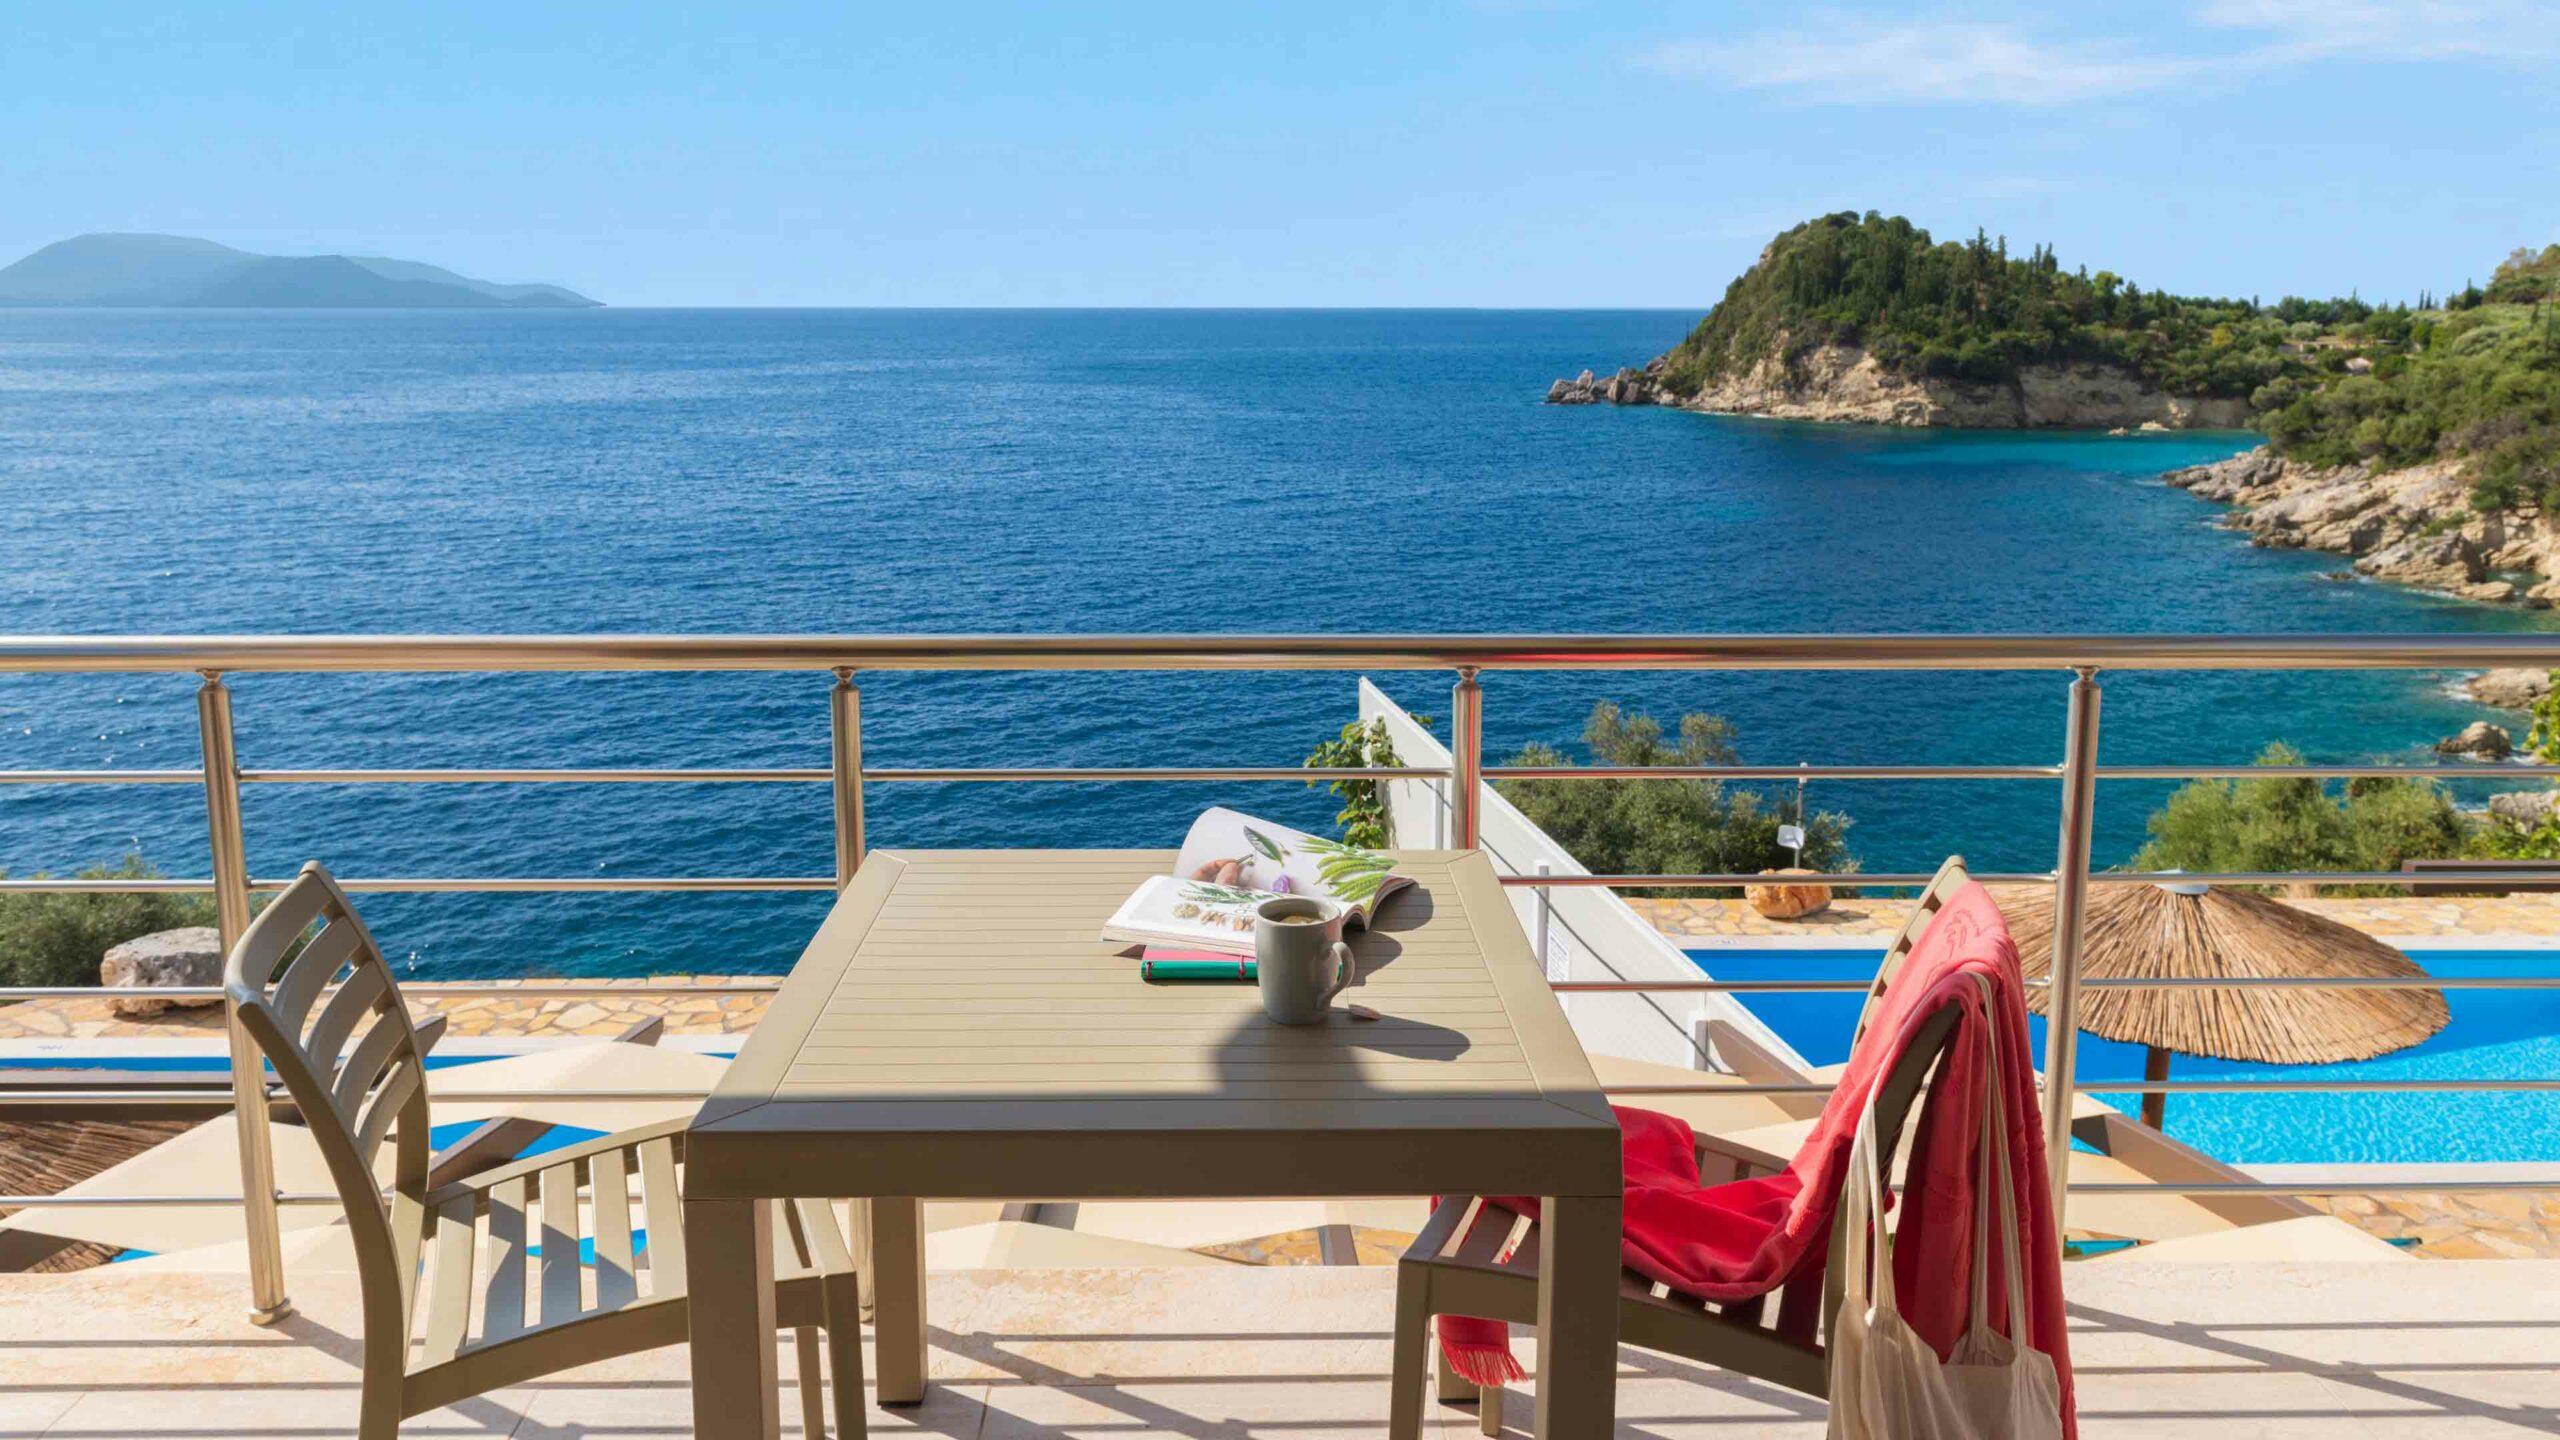 Vakantie Griekenland voorbereiding